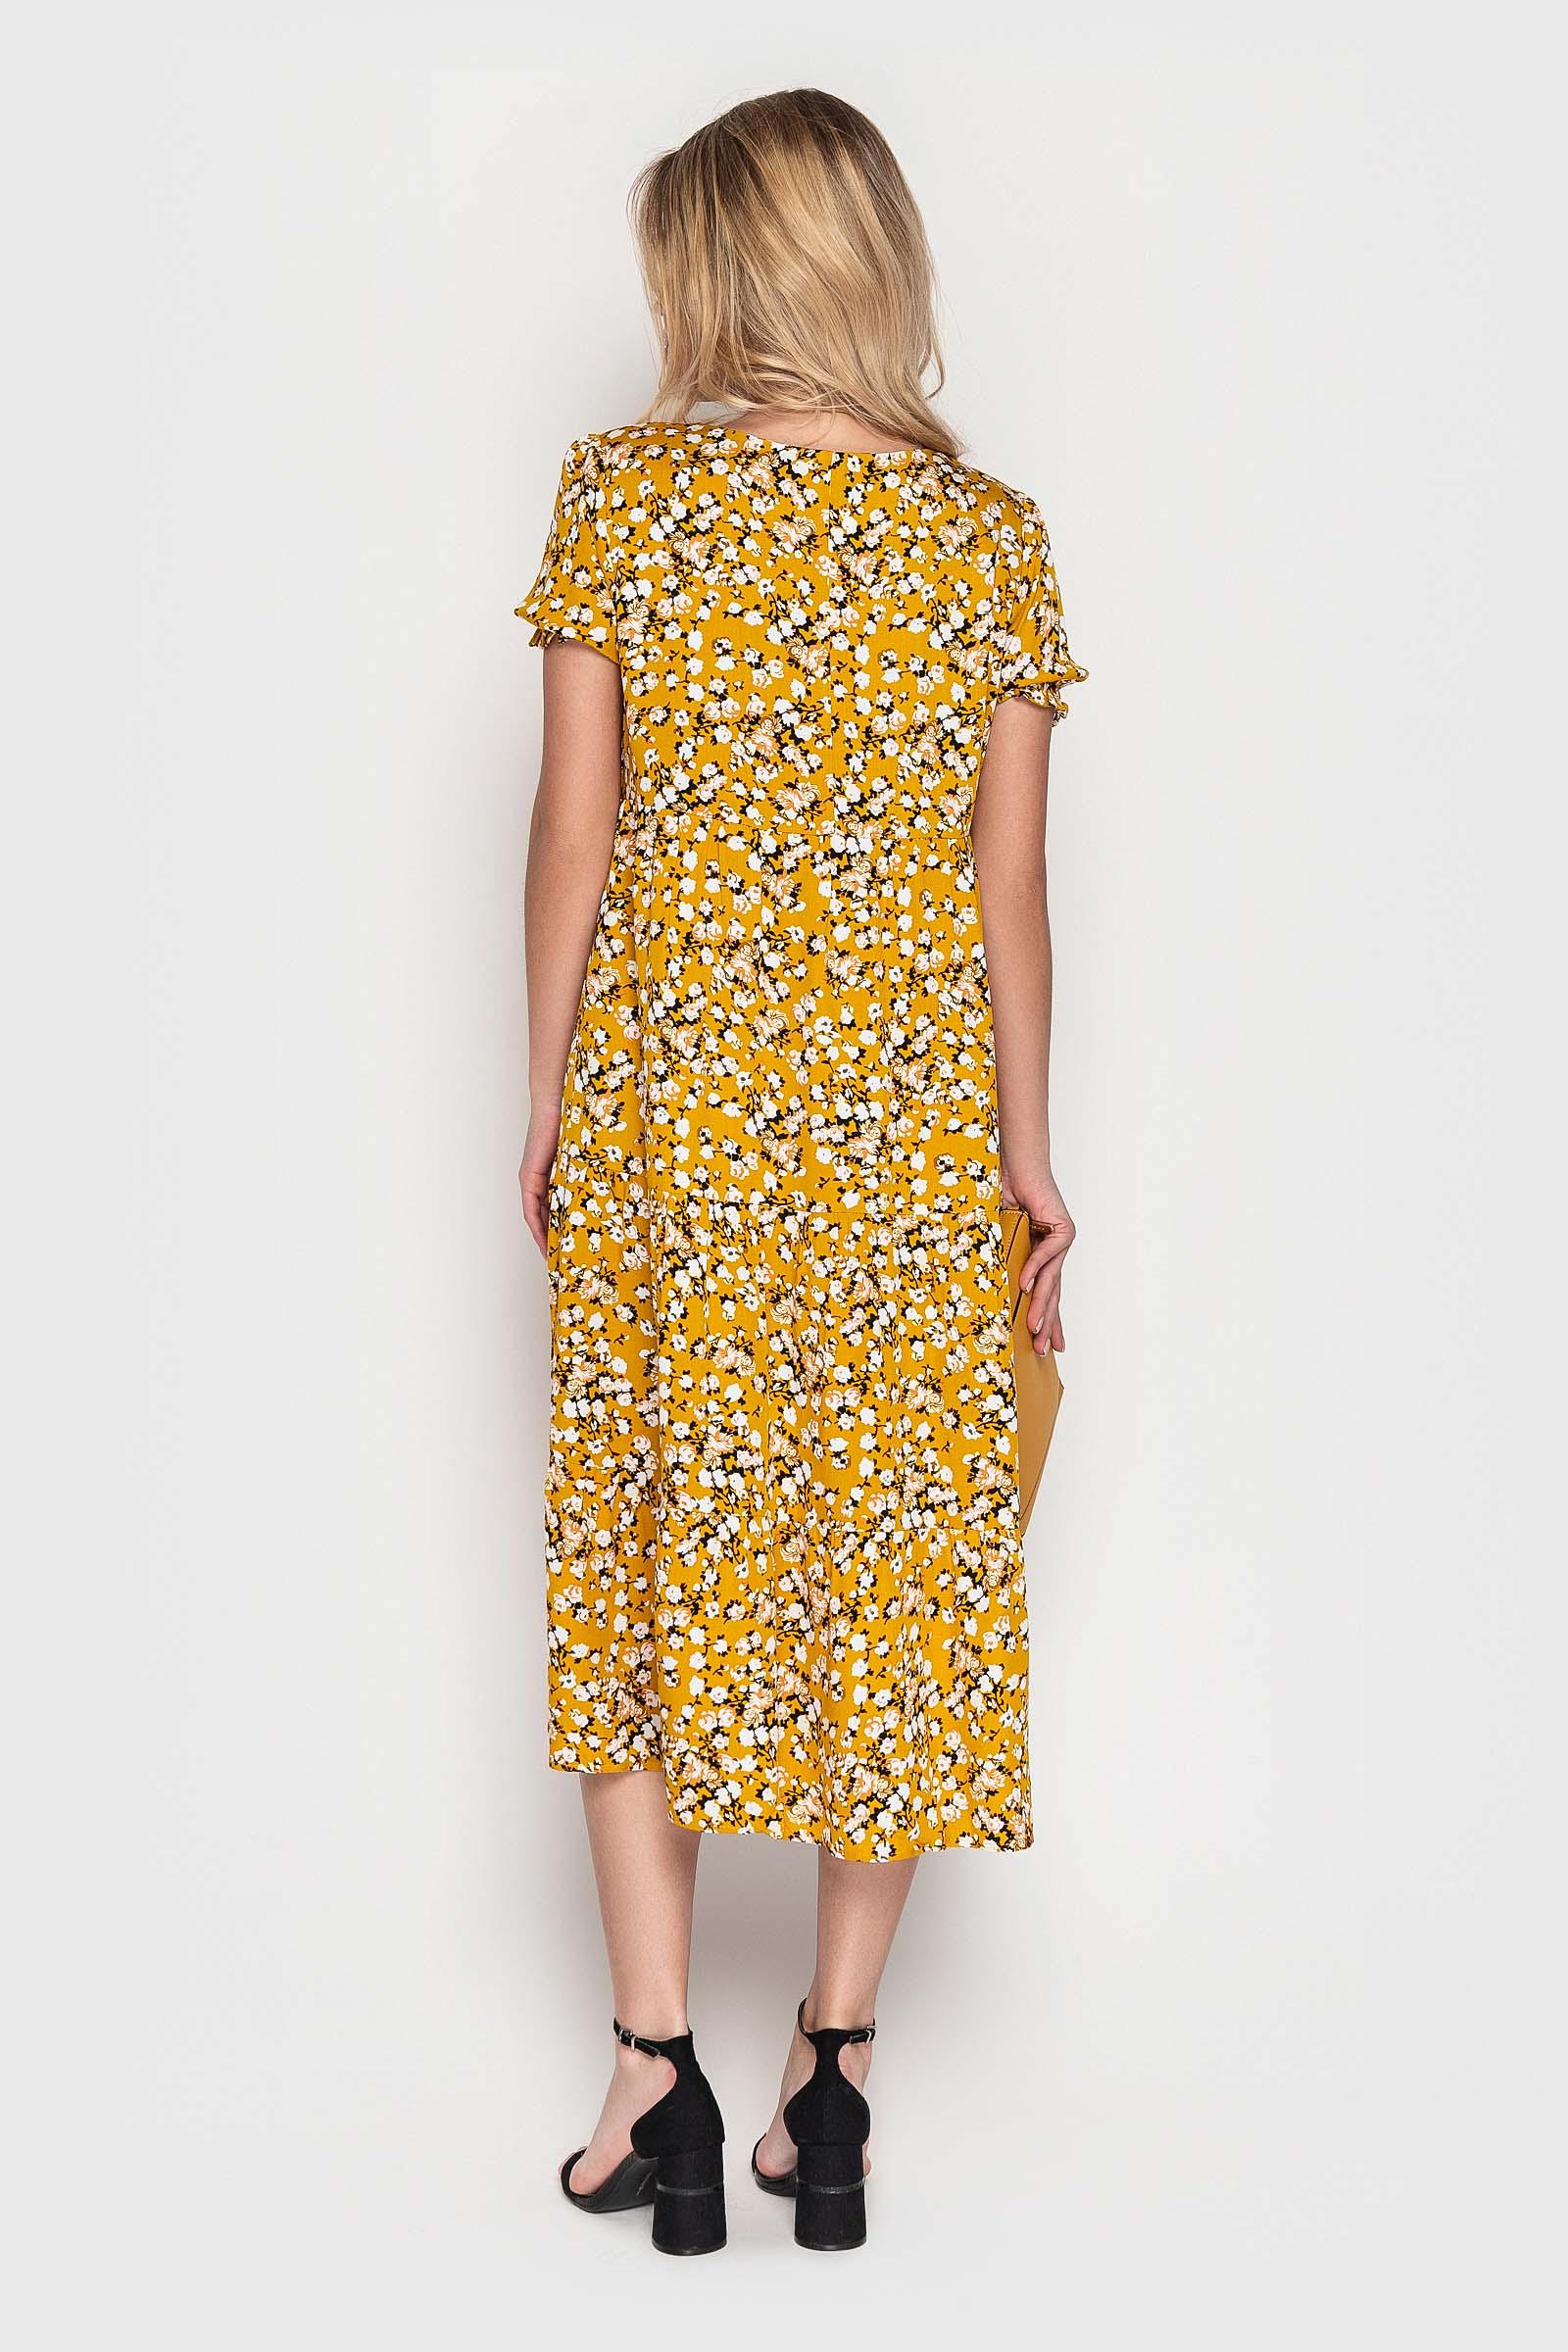 Меланжевое платье с цветами на каждый день